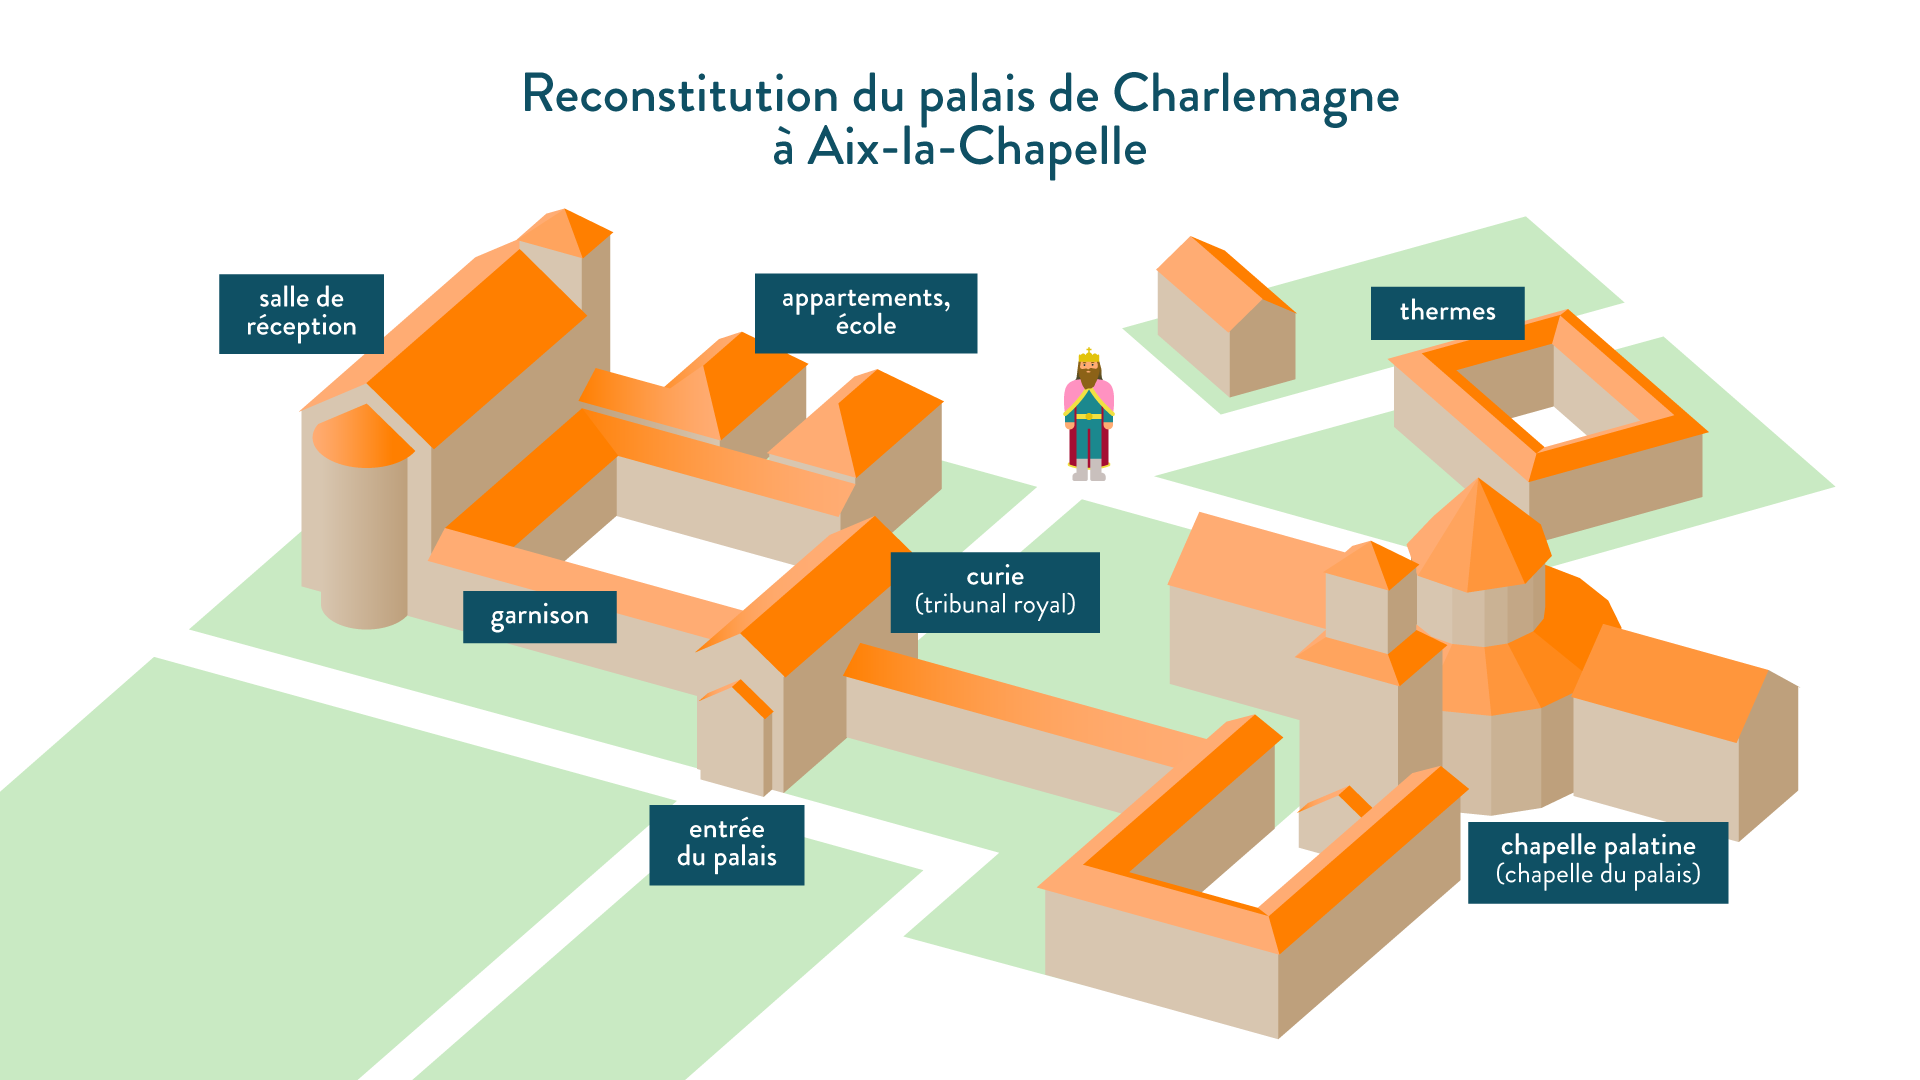 Reconstitution du palais de Charlemagne à Aix-la-Chapelle - 5e - Histoire